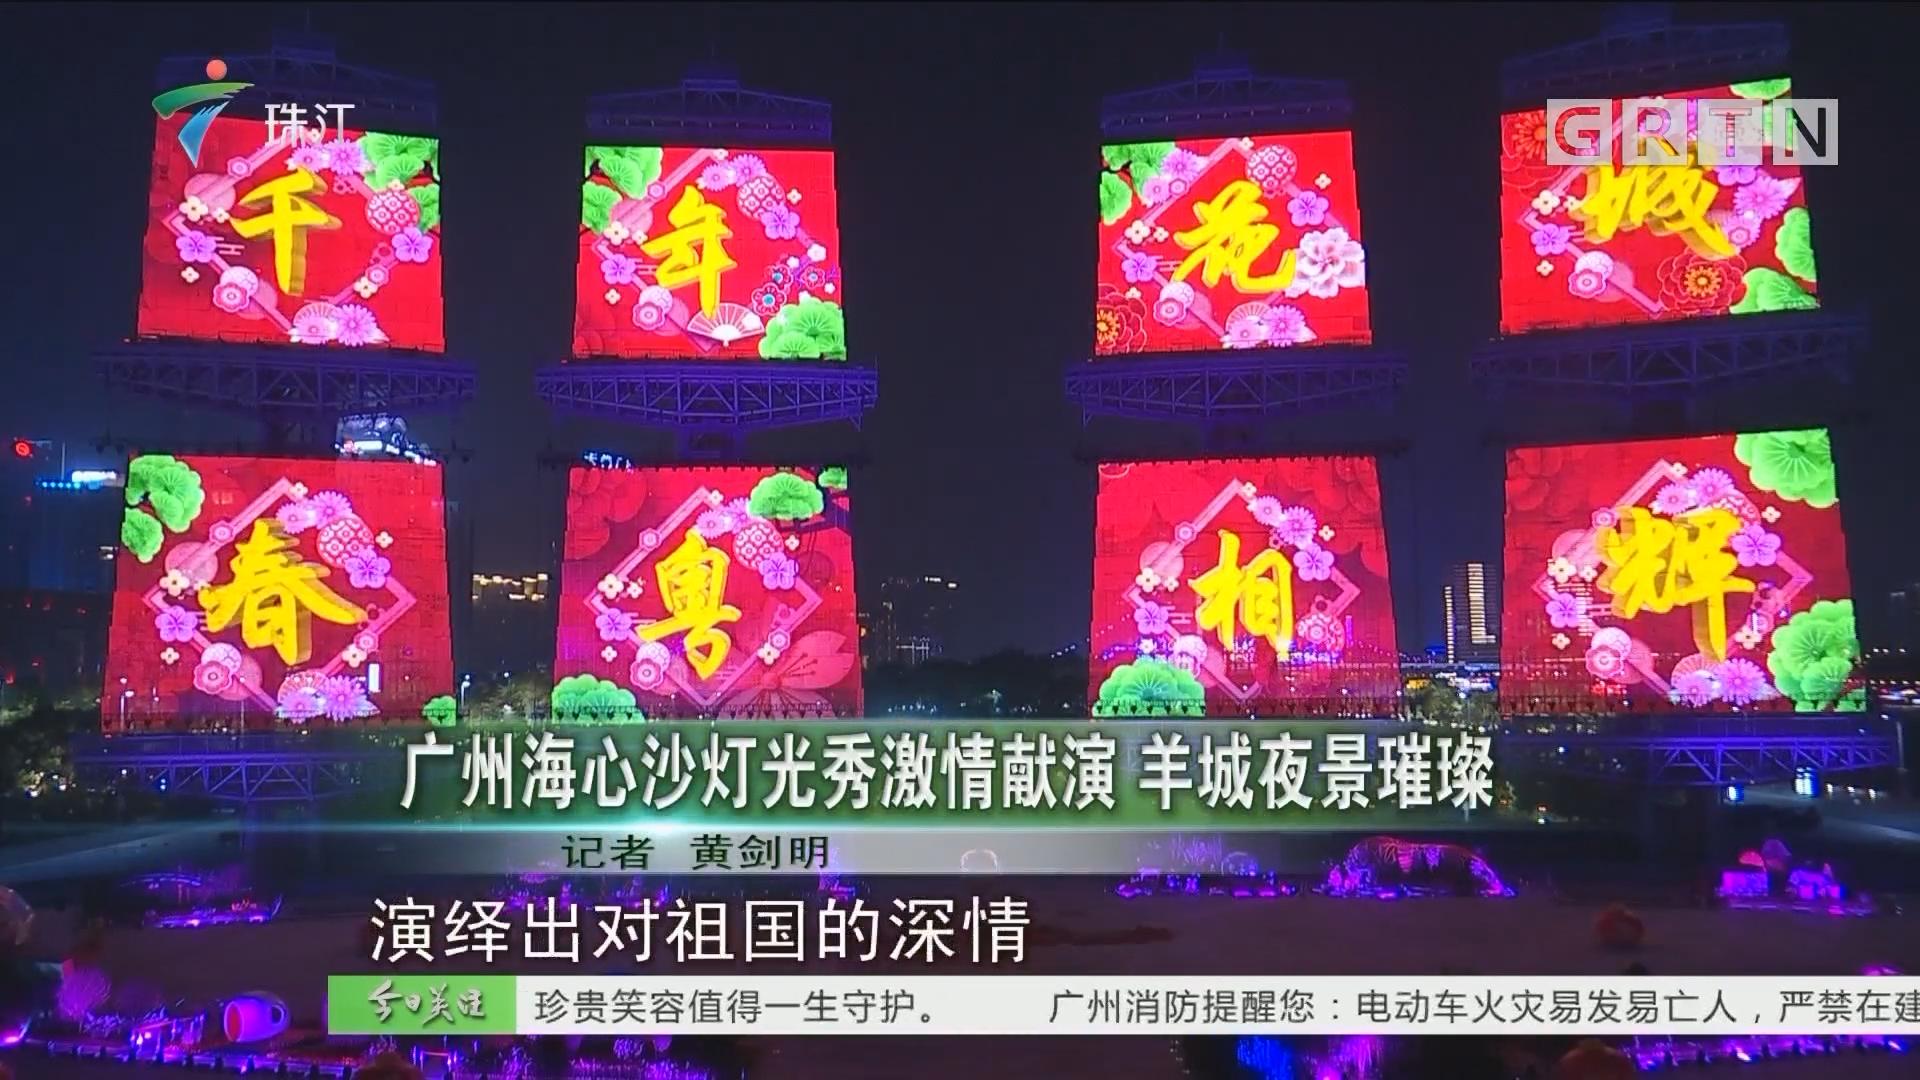 广州海心沙灯光秀激情献演 羊城夜景璀璨